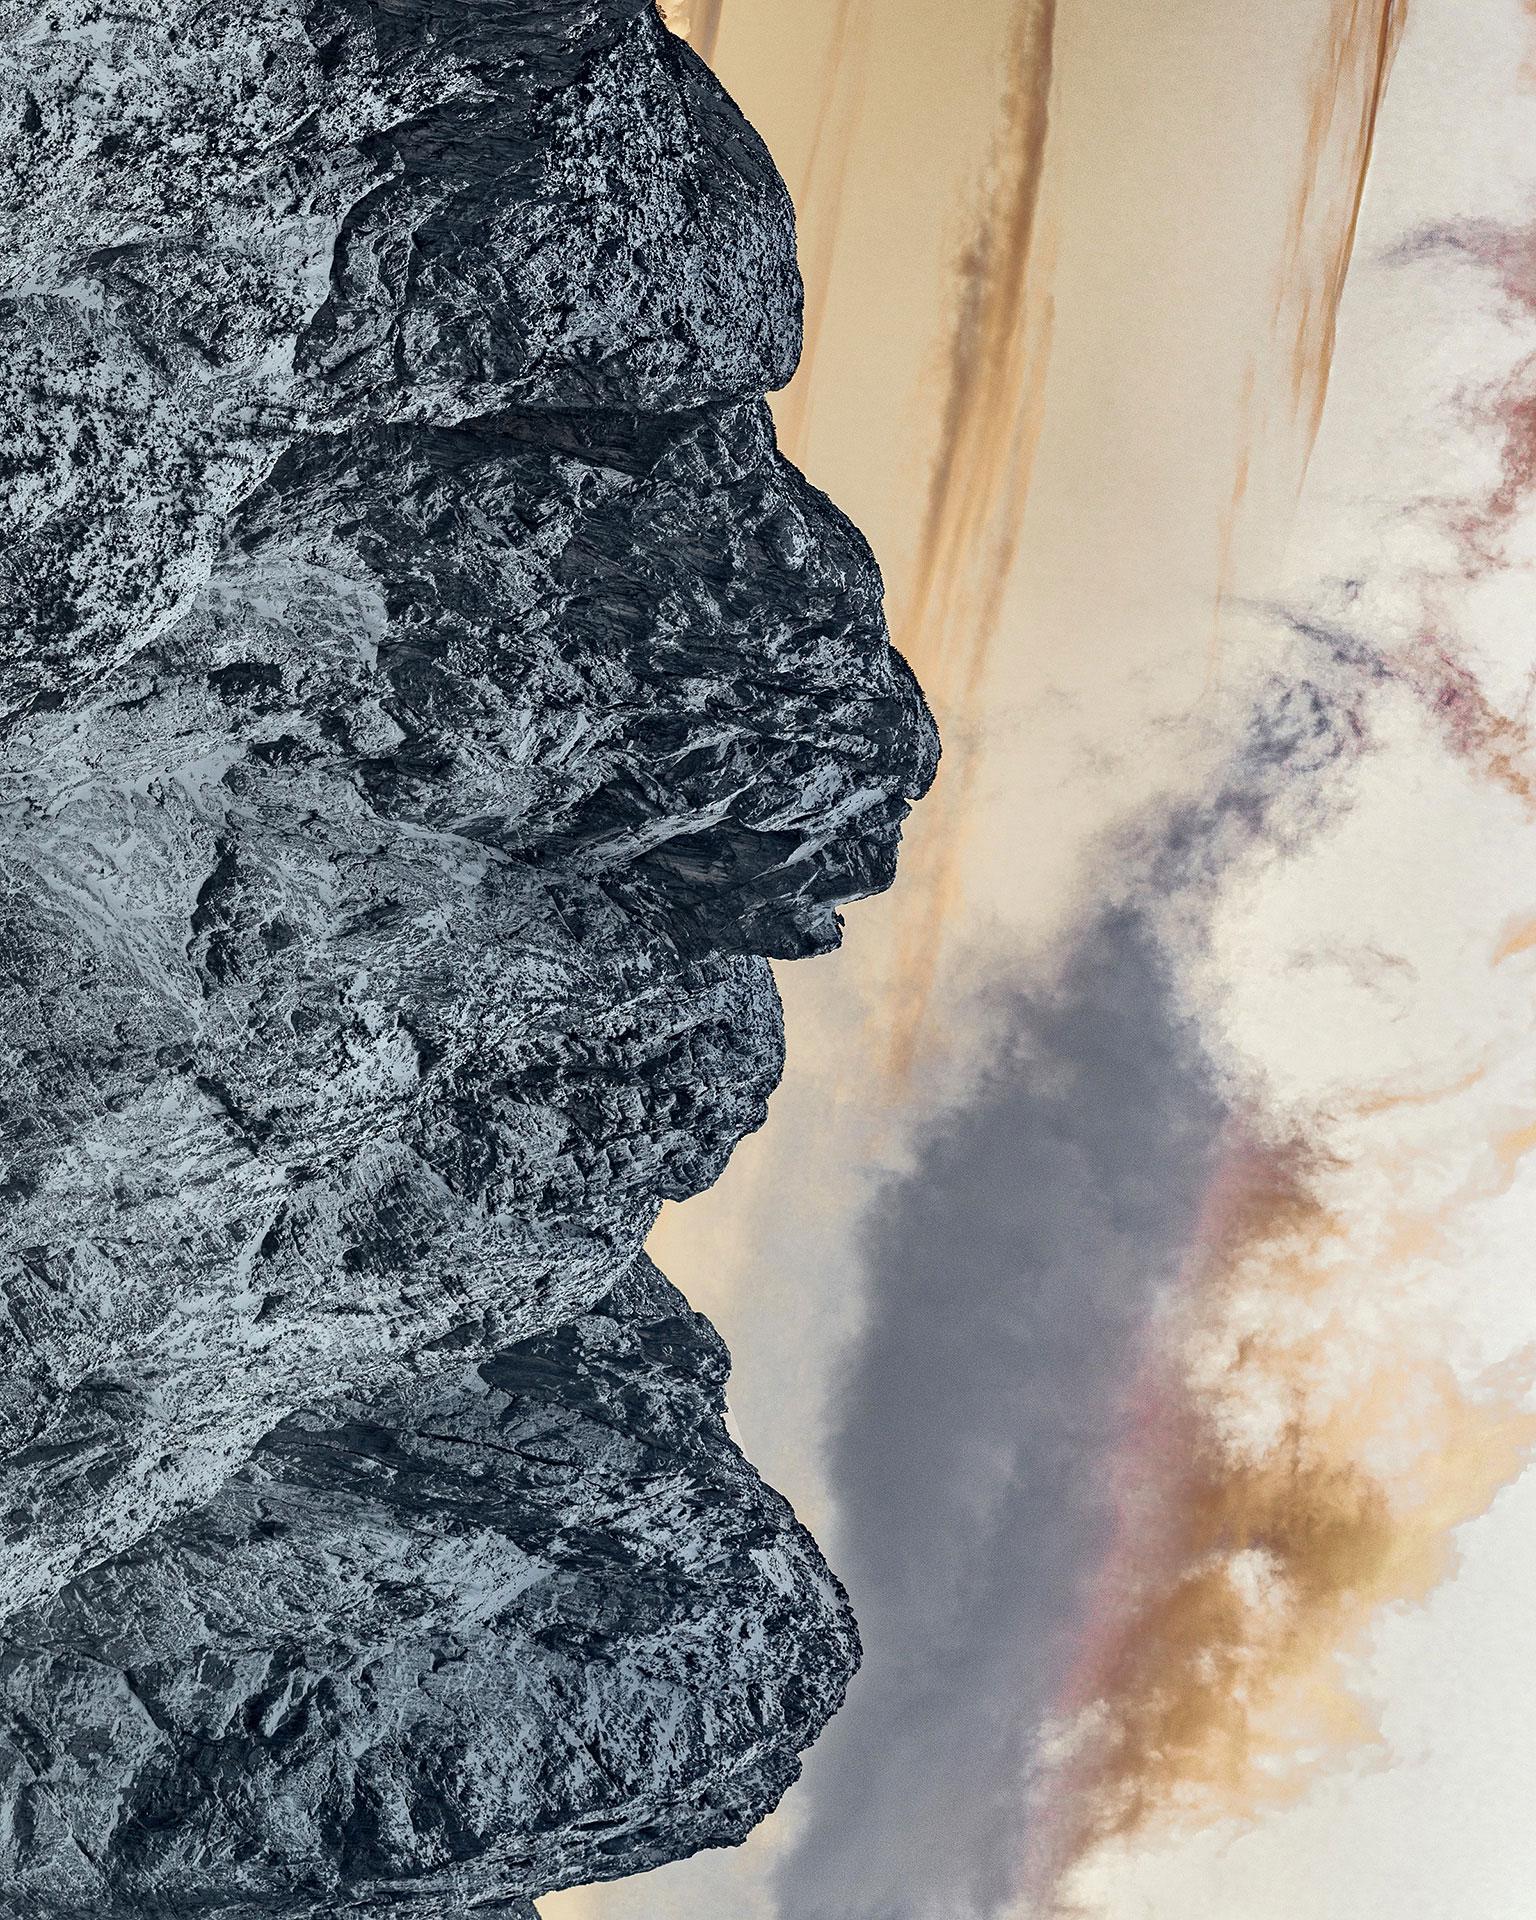 Bernhard Lang Fotografa Imagens Ilusórias de Montanhas Artes & contextos lang 2